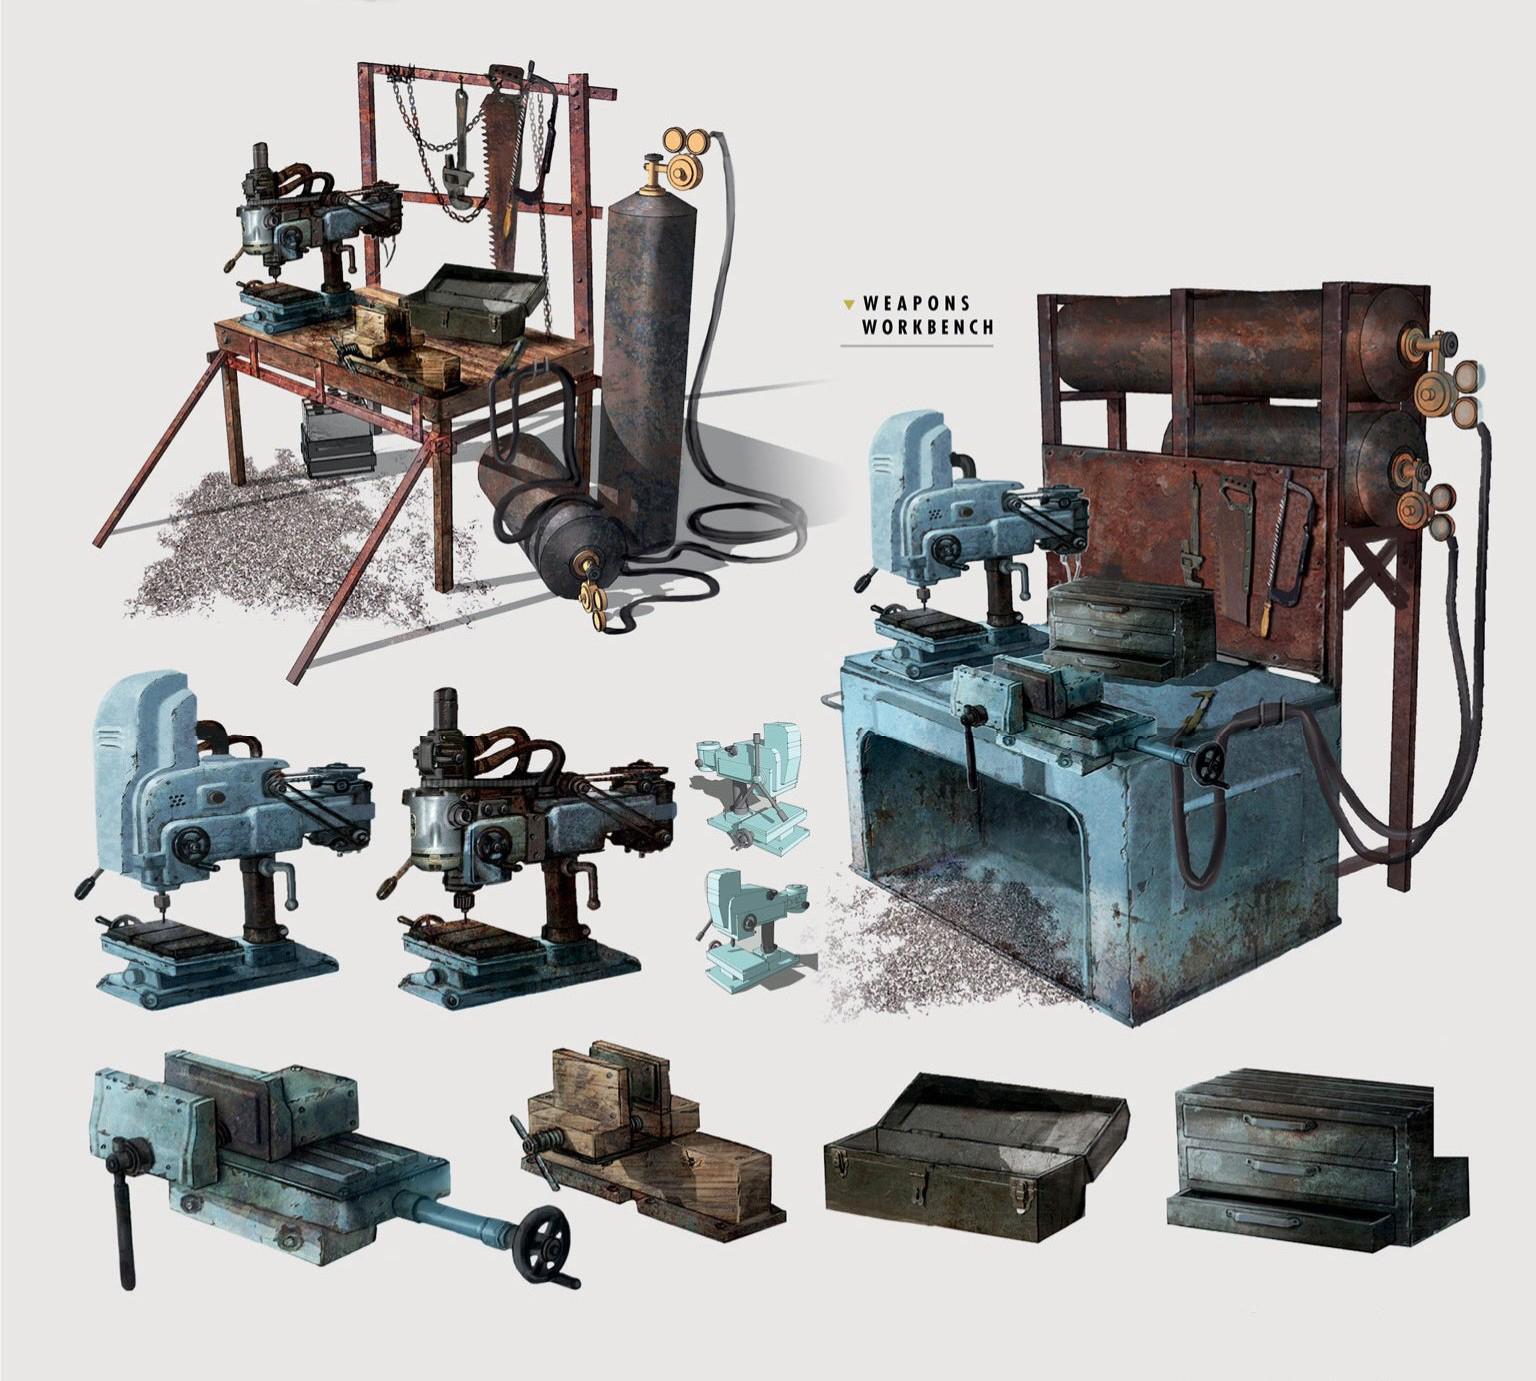 FO4 Art Weapons Workbench